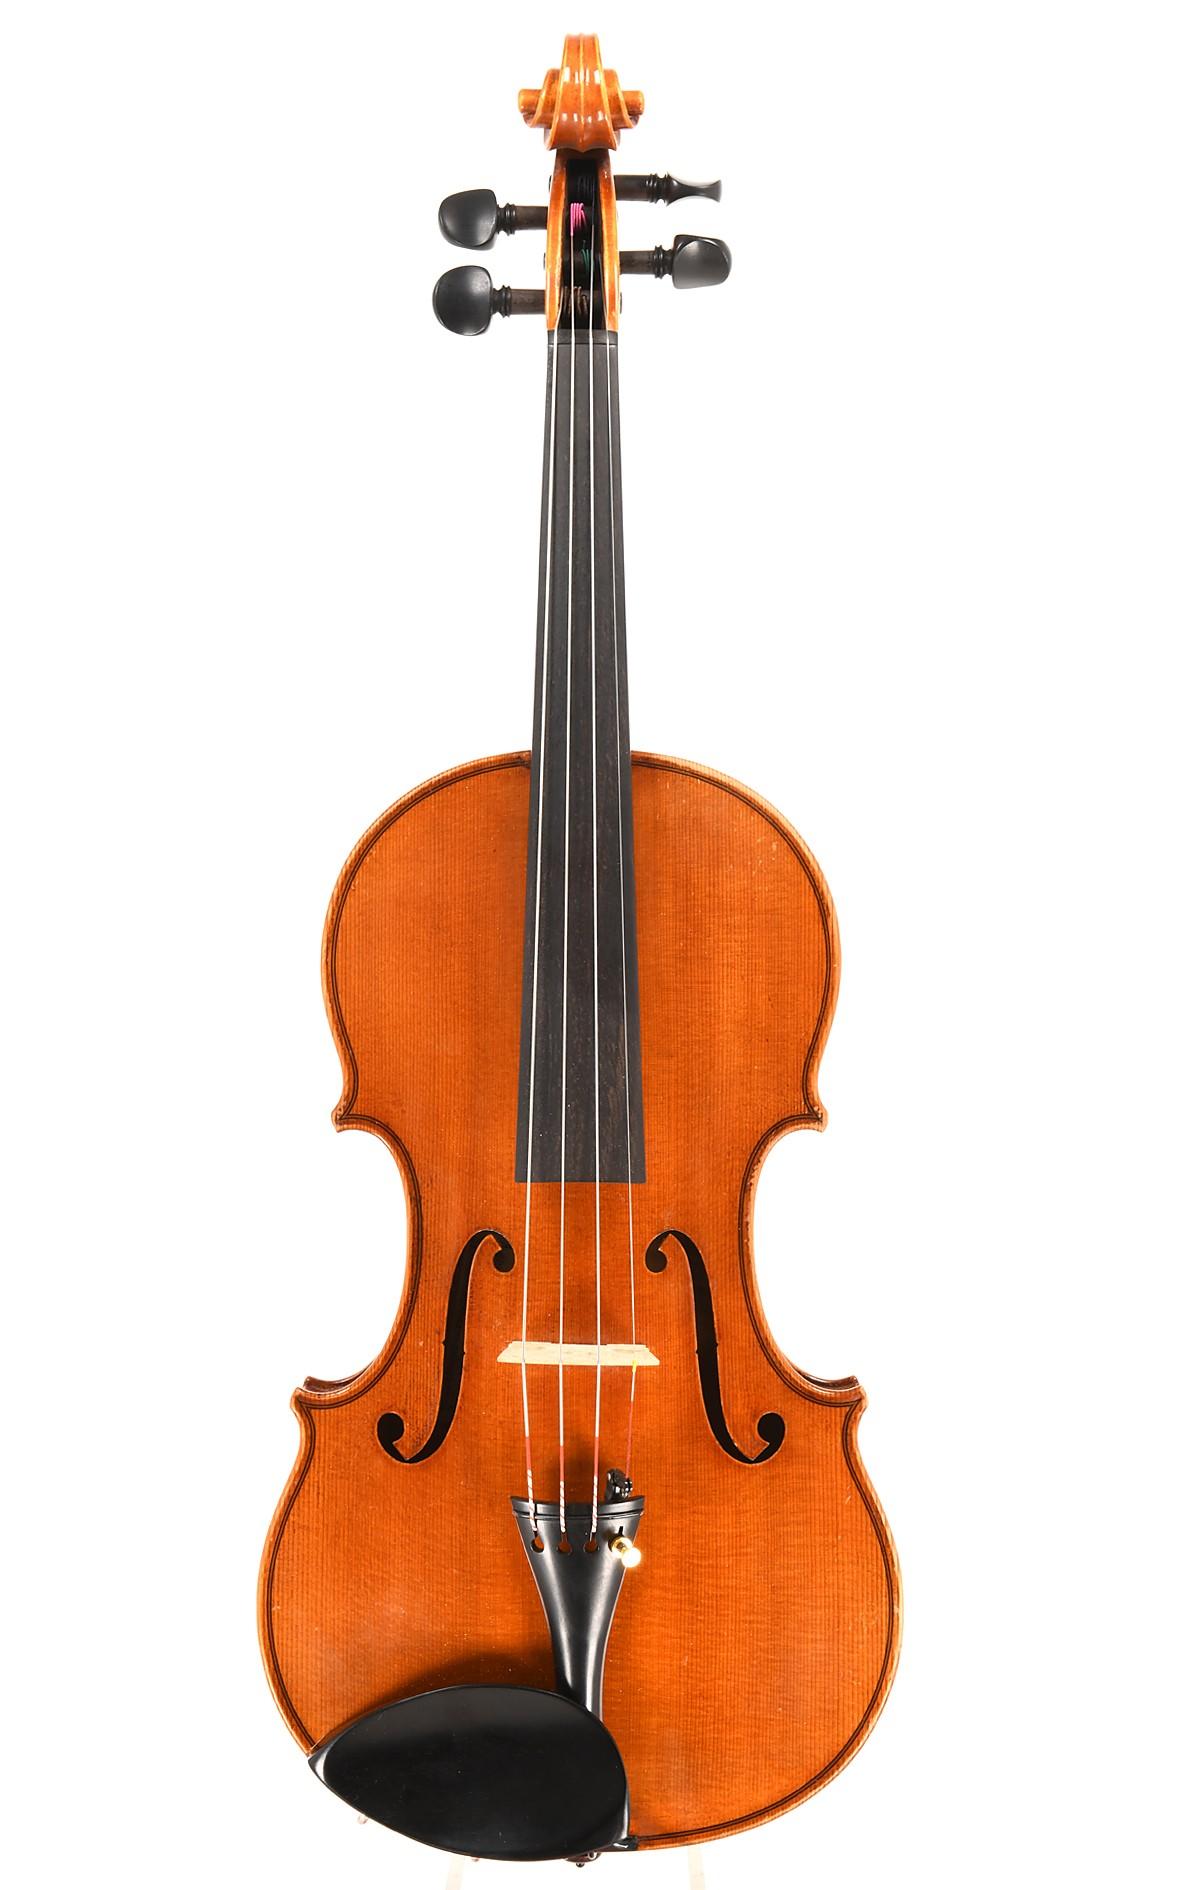 Violin by Wenzl Fuchs, Erlangen